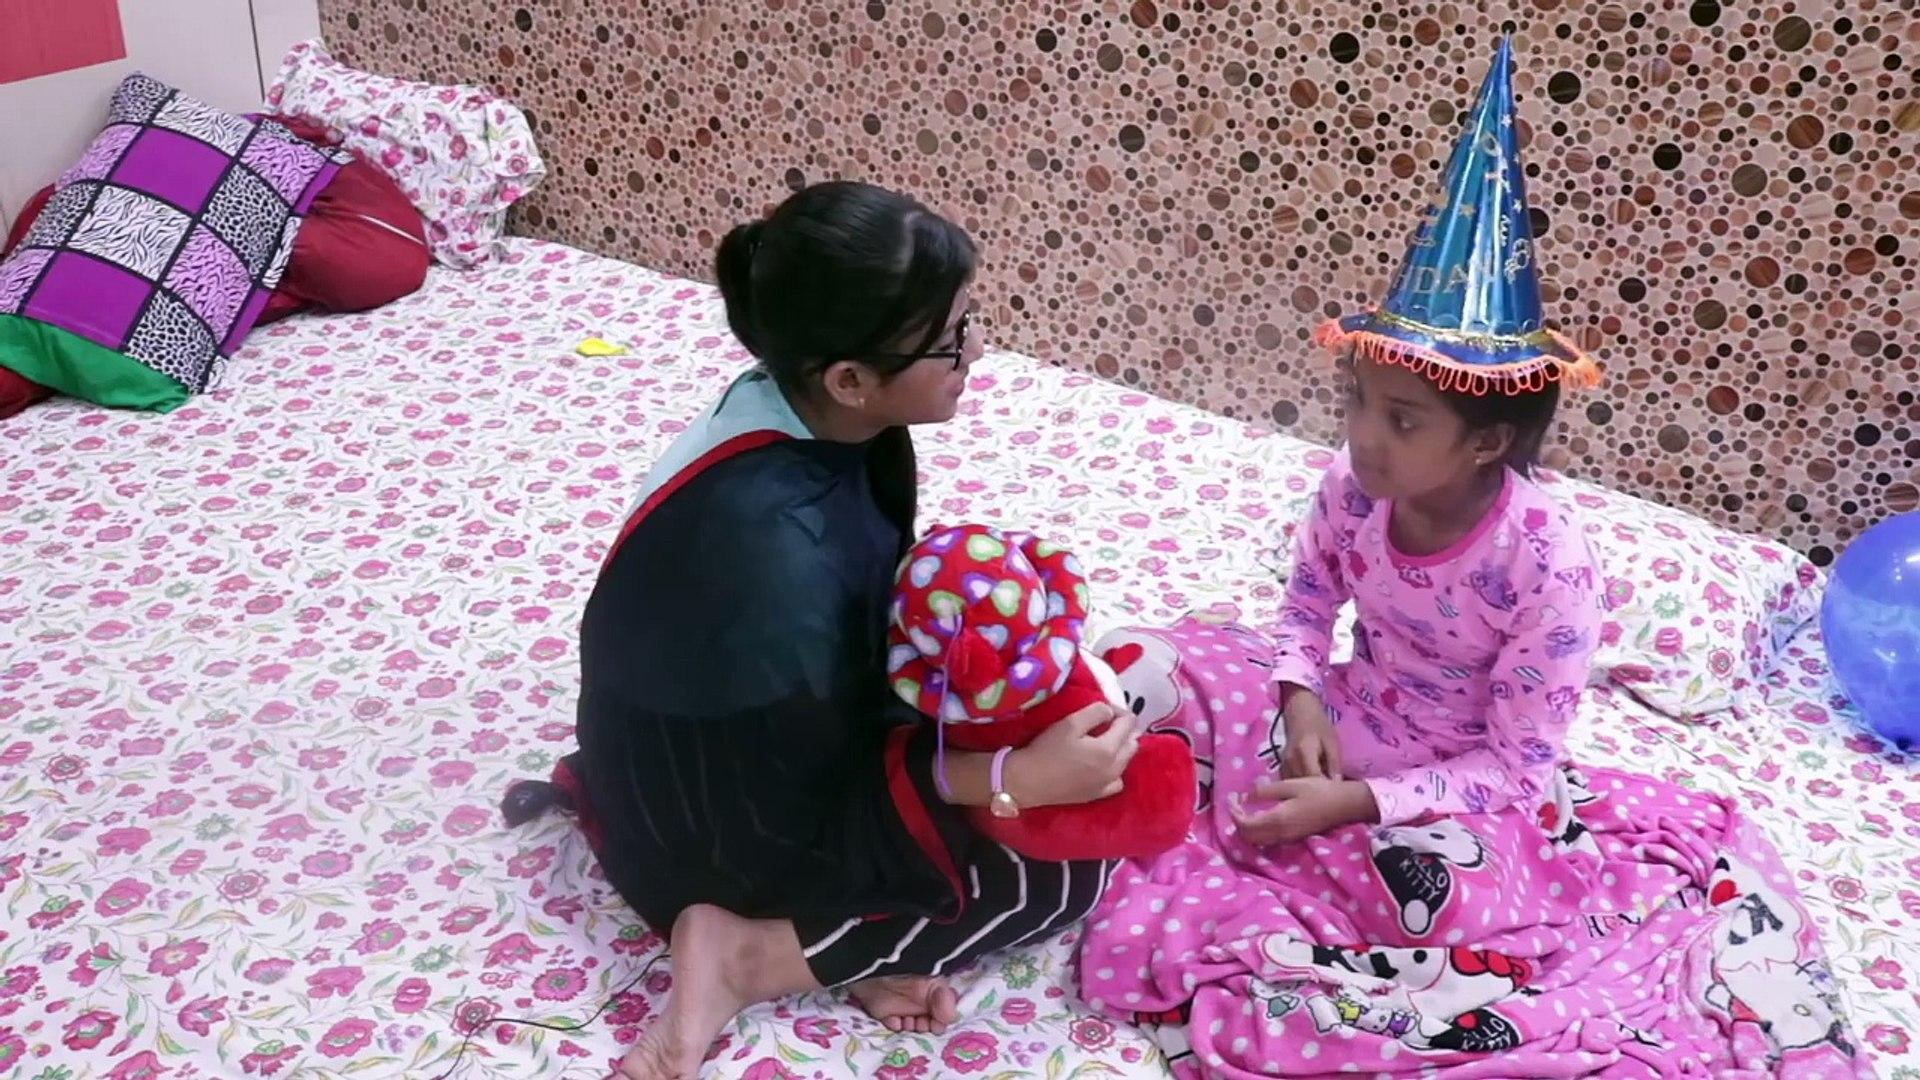 Birthday Party: Child Vs Adult | SAMREEN ALI